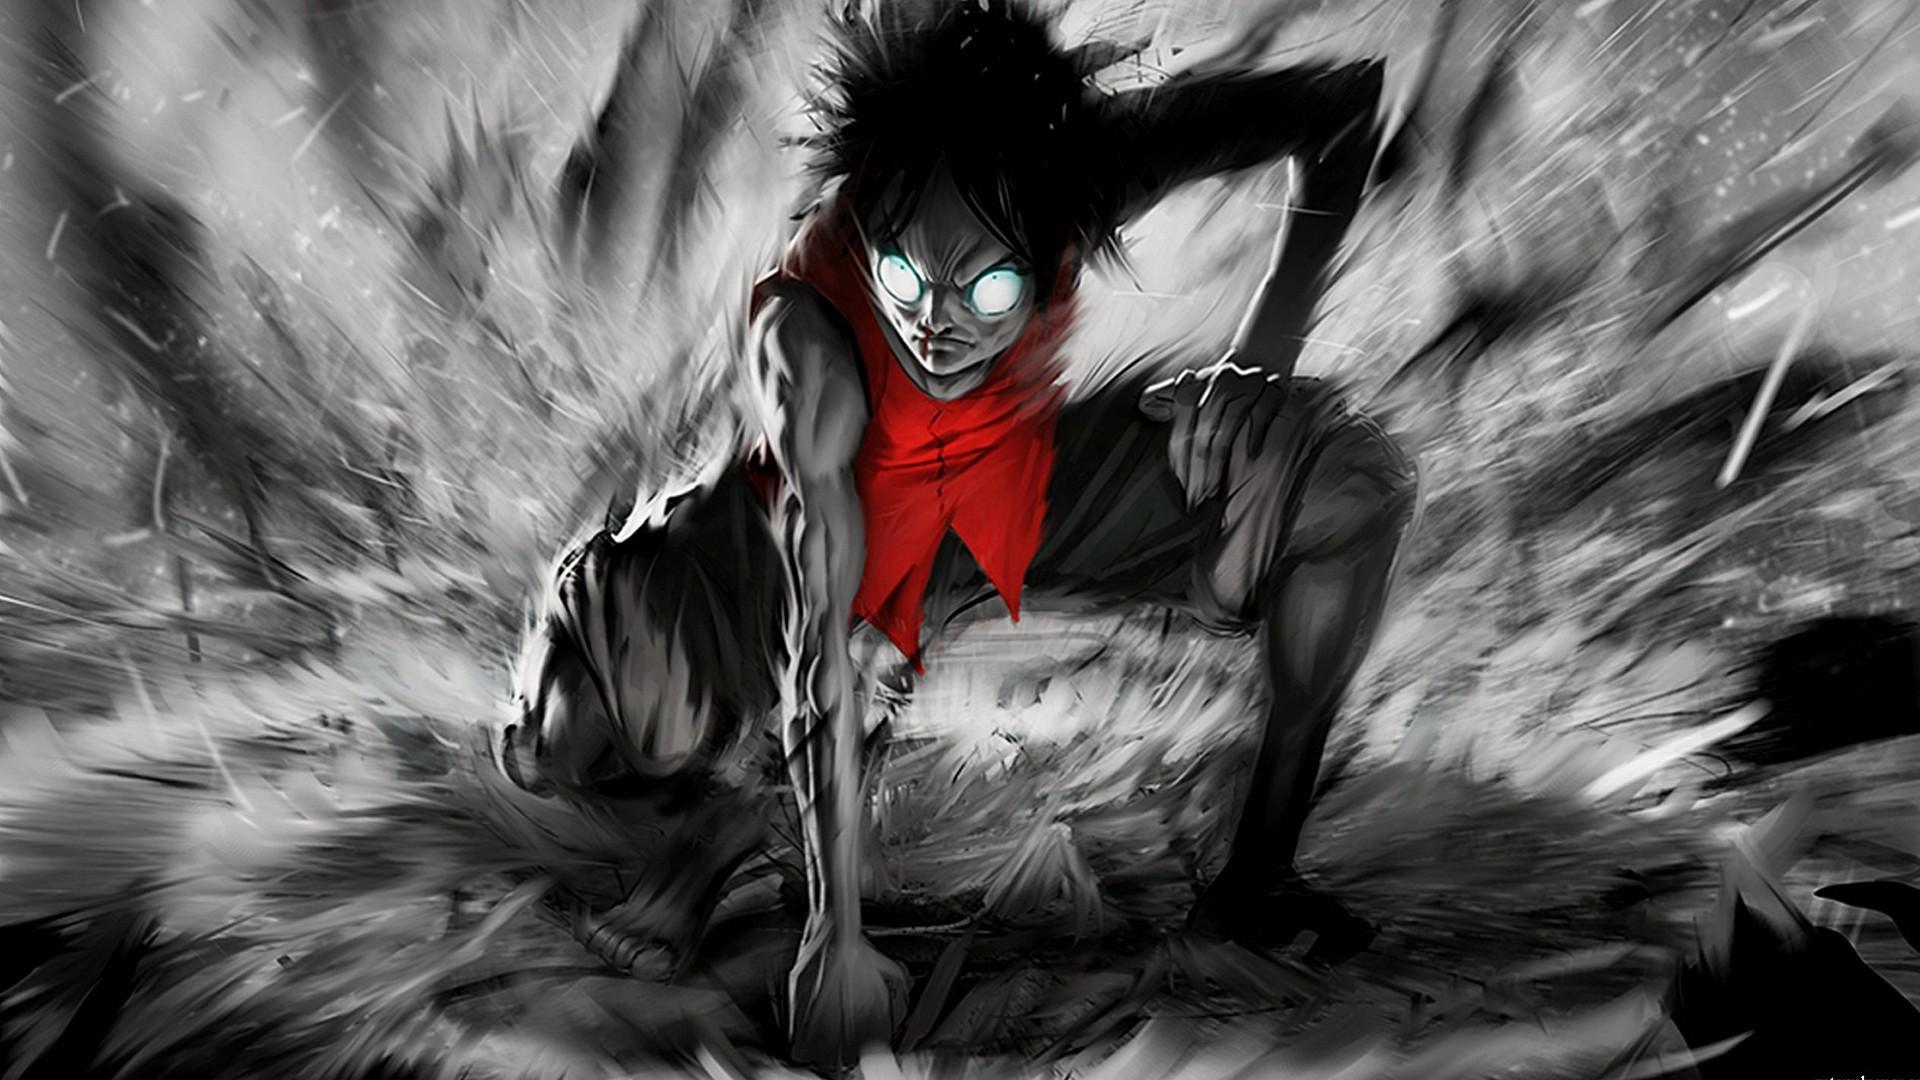 Dark Anime Horror